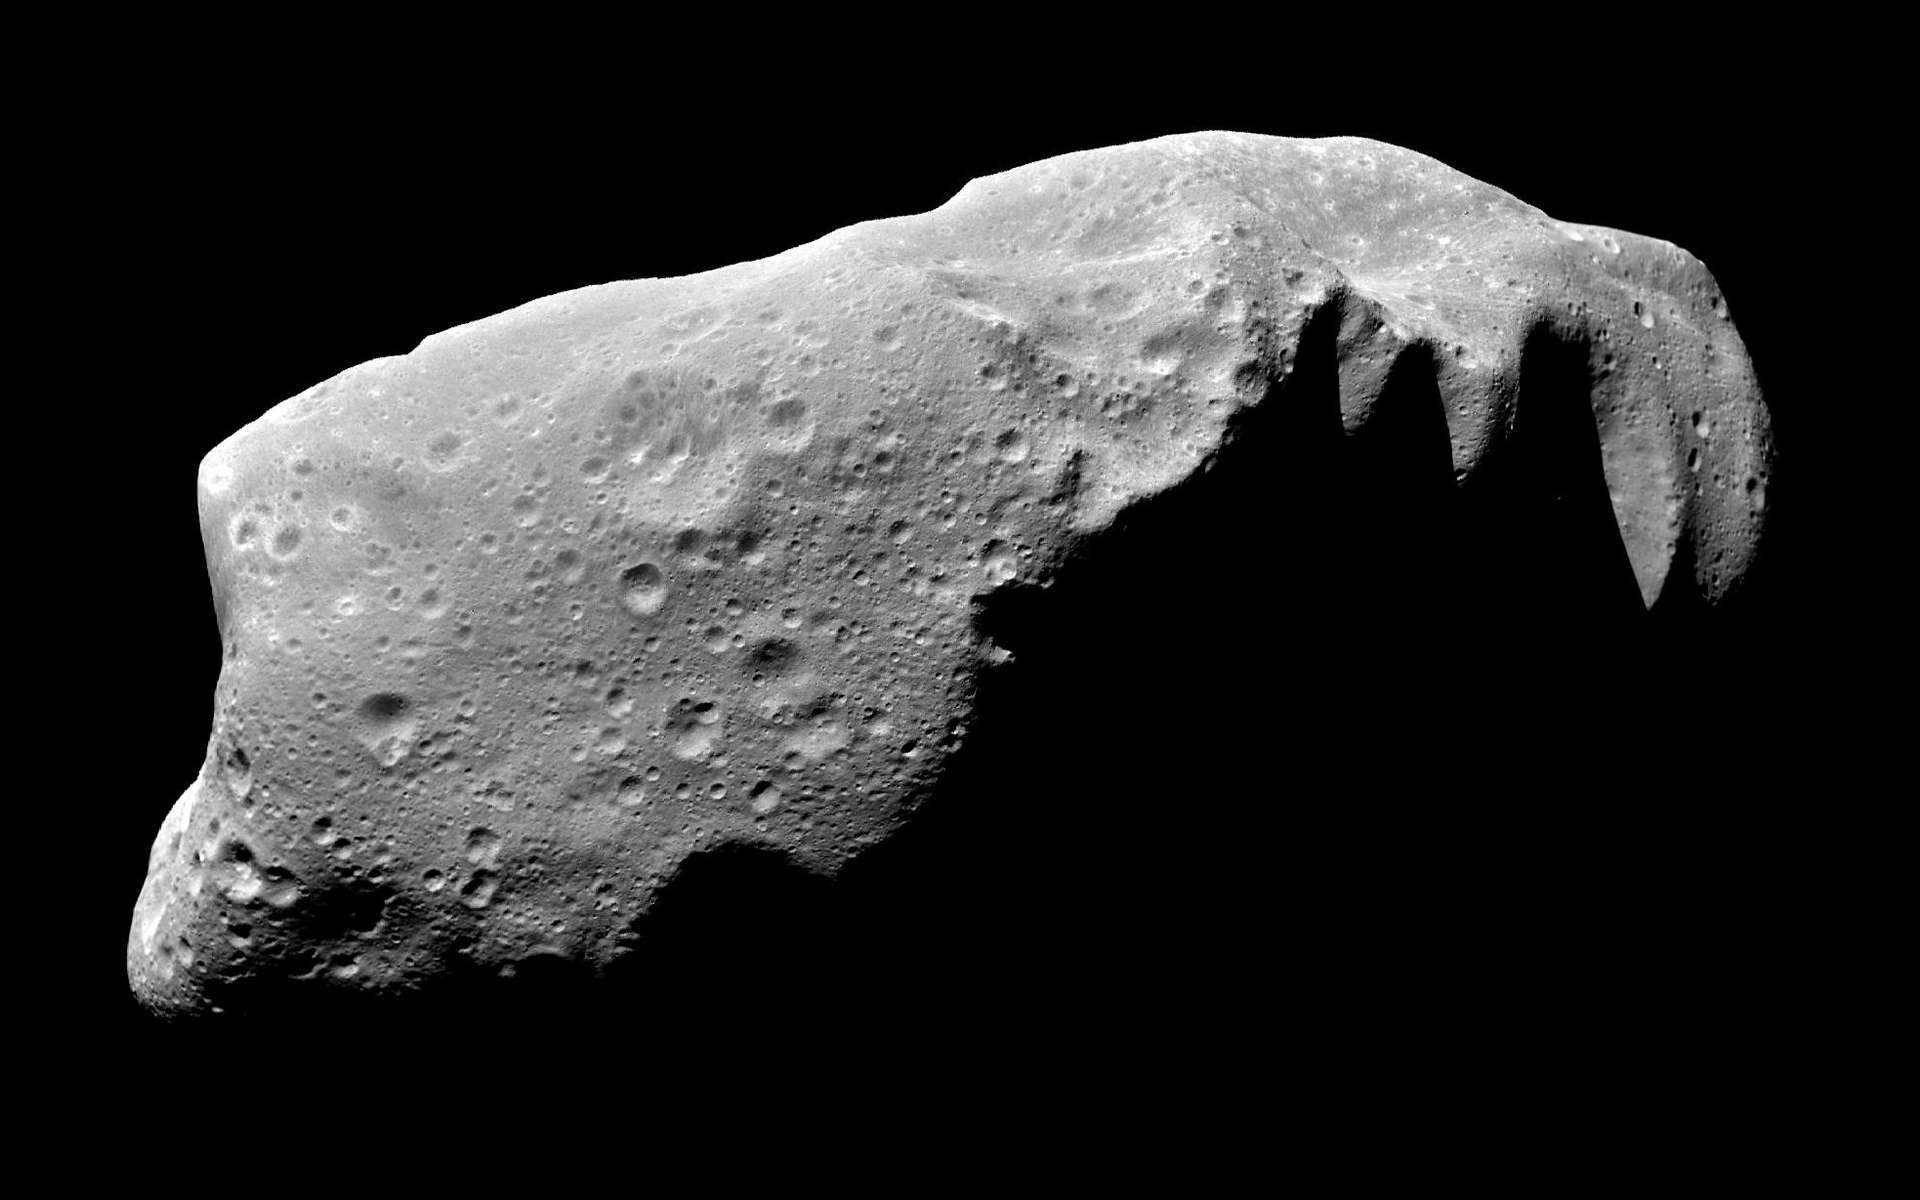 L'astéroïde 243 Ida tel qu'il a été photographié en 1993 par la Nasa lors de son survol par la sonde Galileo. Il ne s'agit heureusement pas d'un géocroiseur et il fait partie de la ceinture principale d'astéroïdes. © Nasa